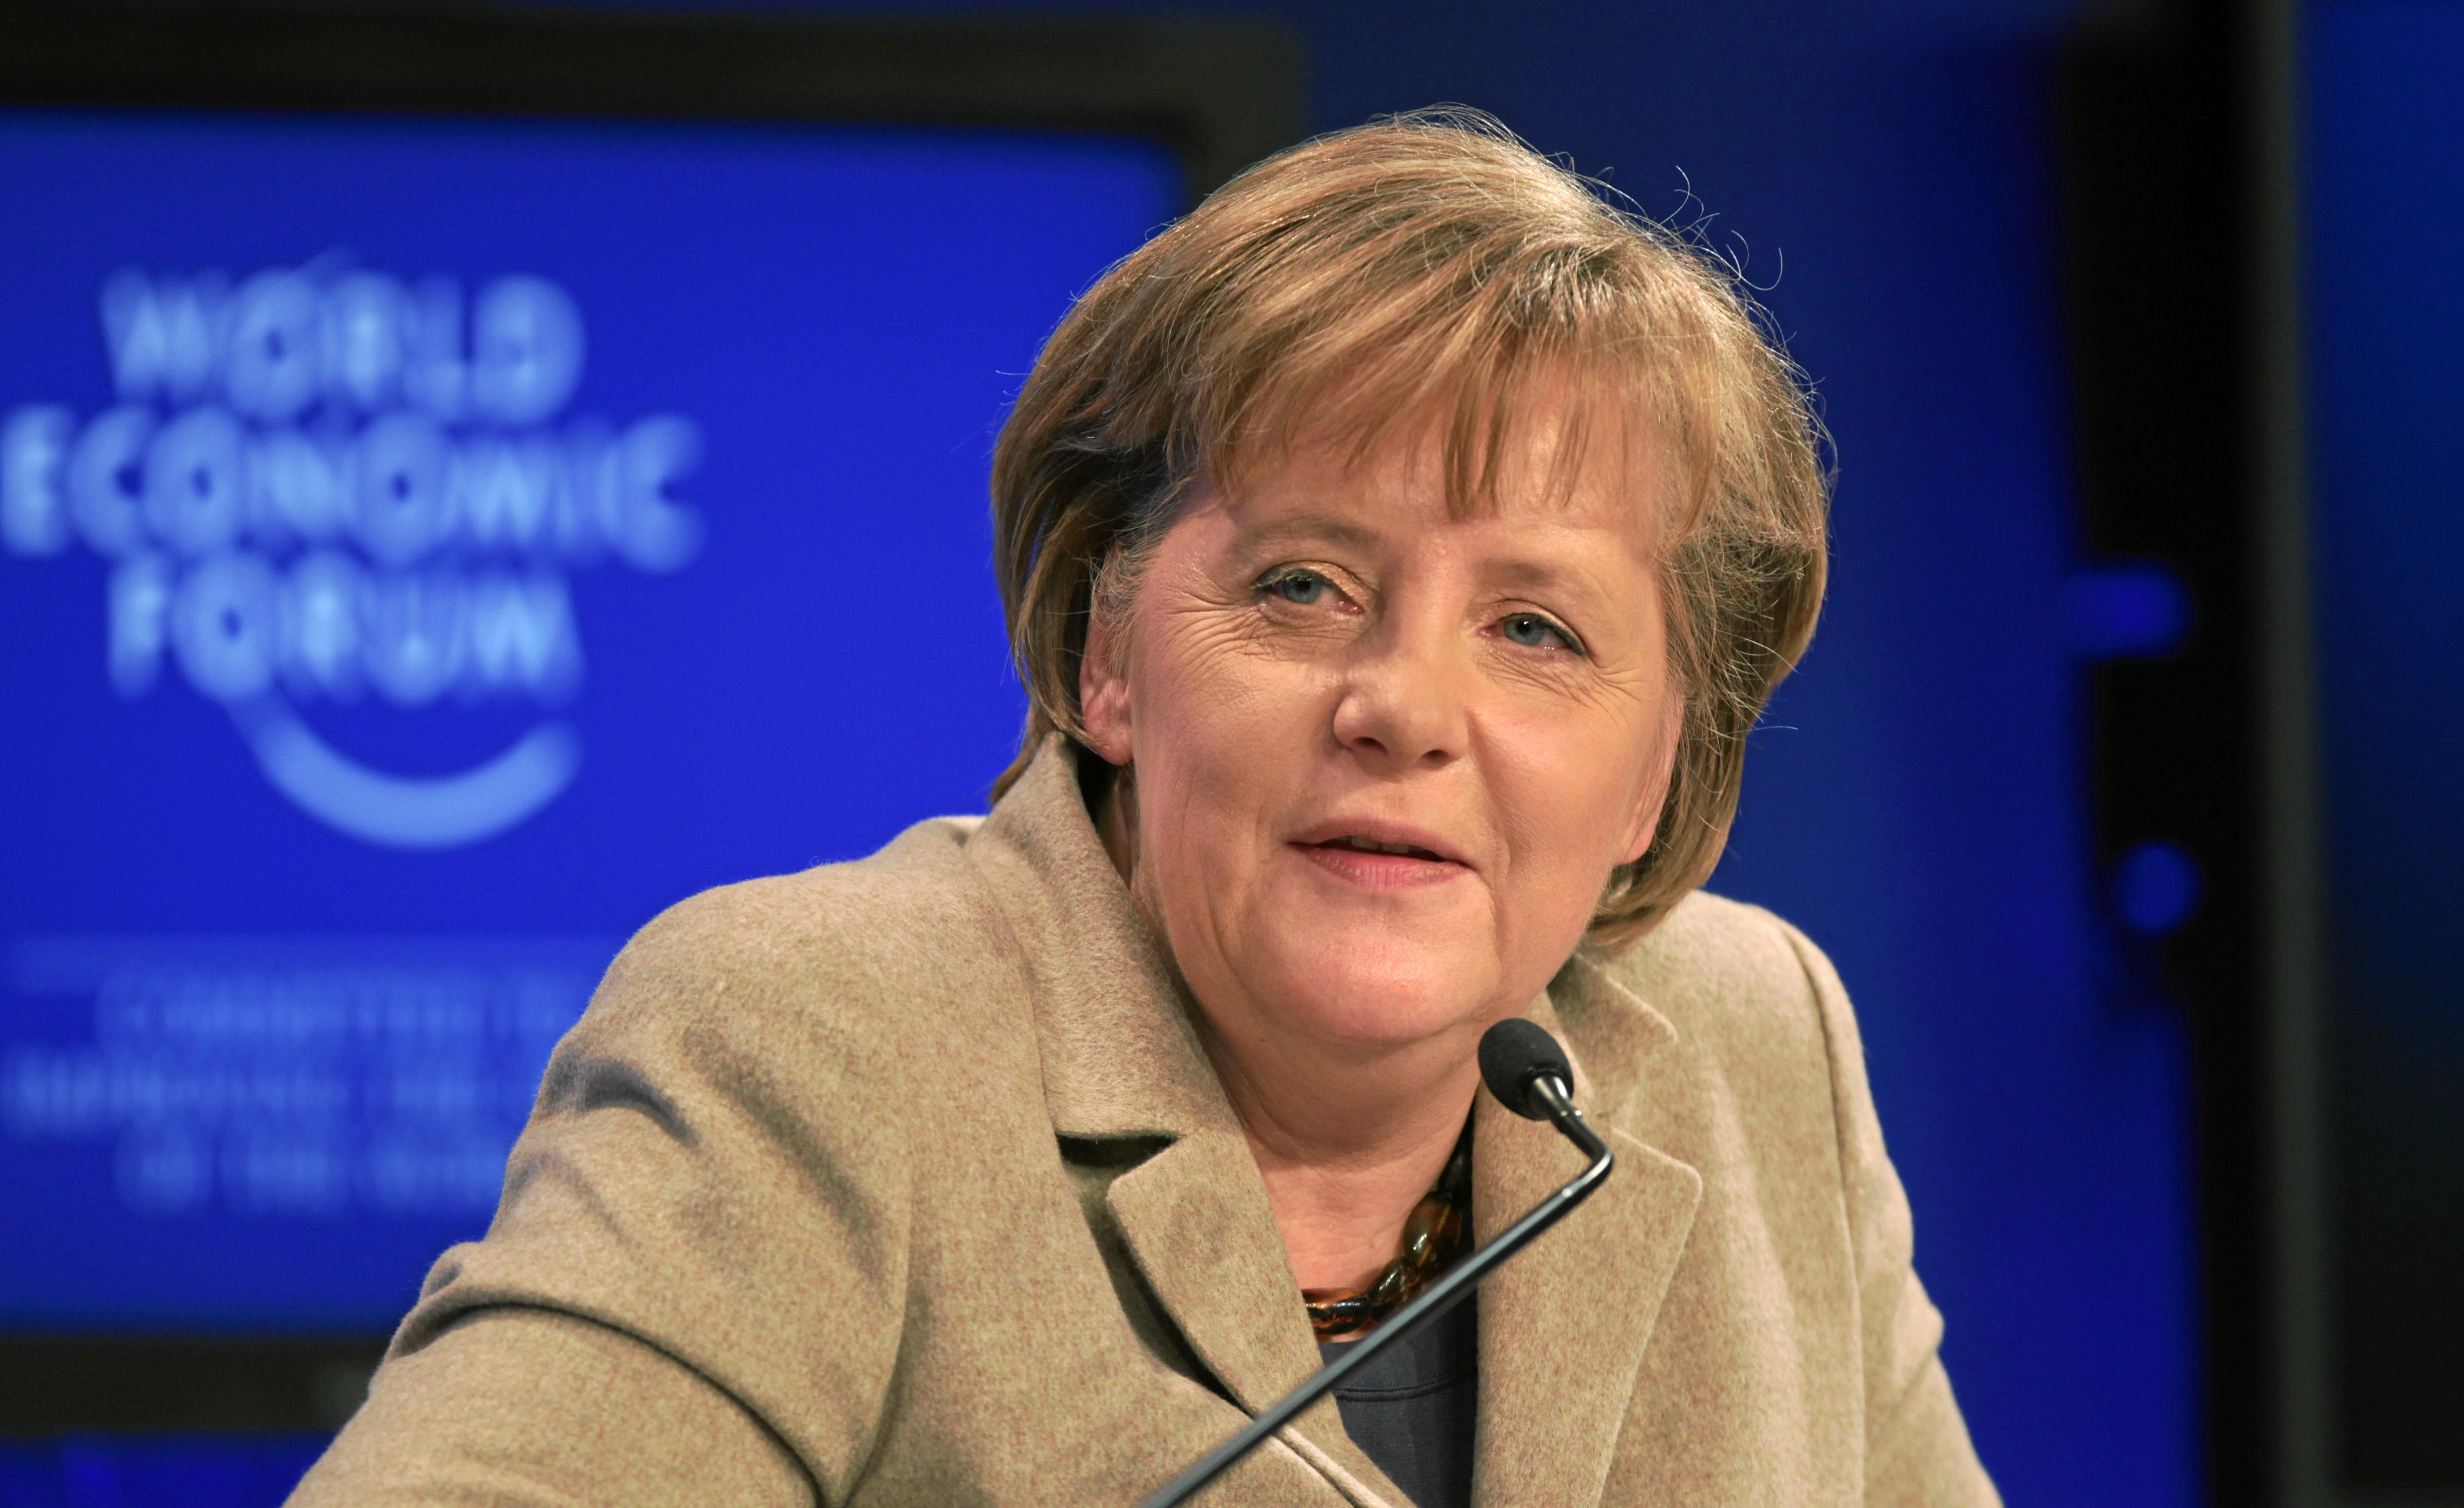 Eurodiputado disfrazado de Merkel interrumpe el discurso de Juncker